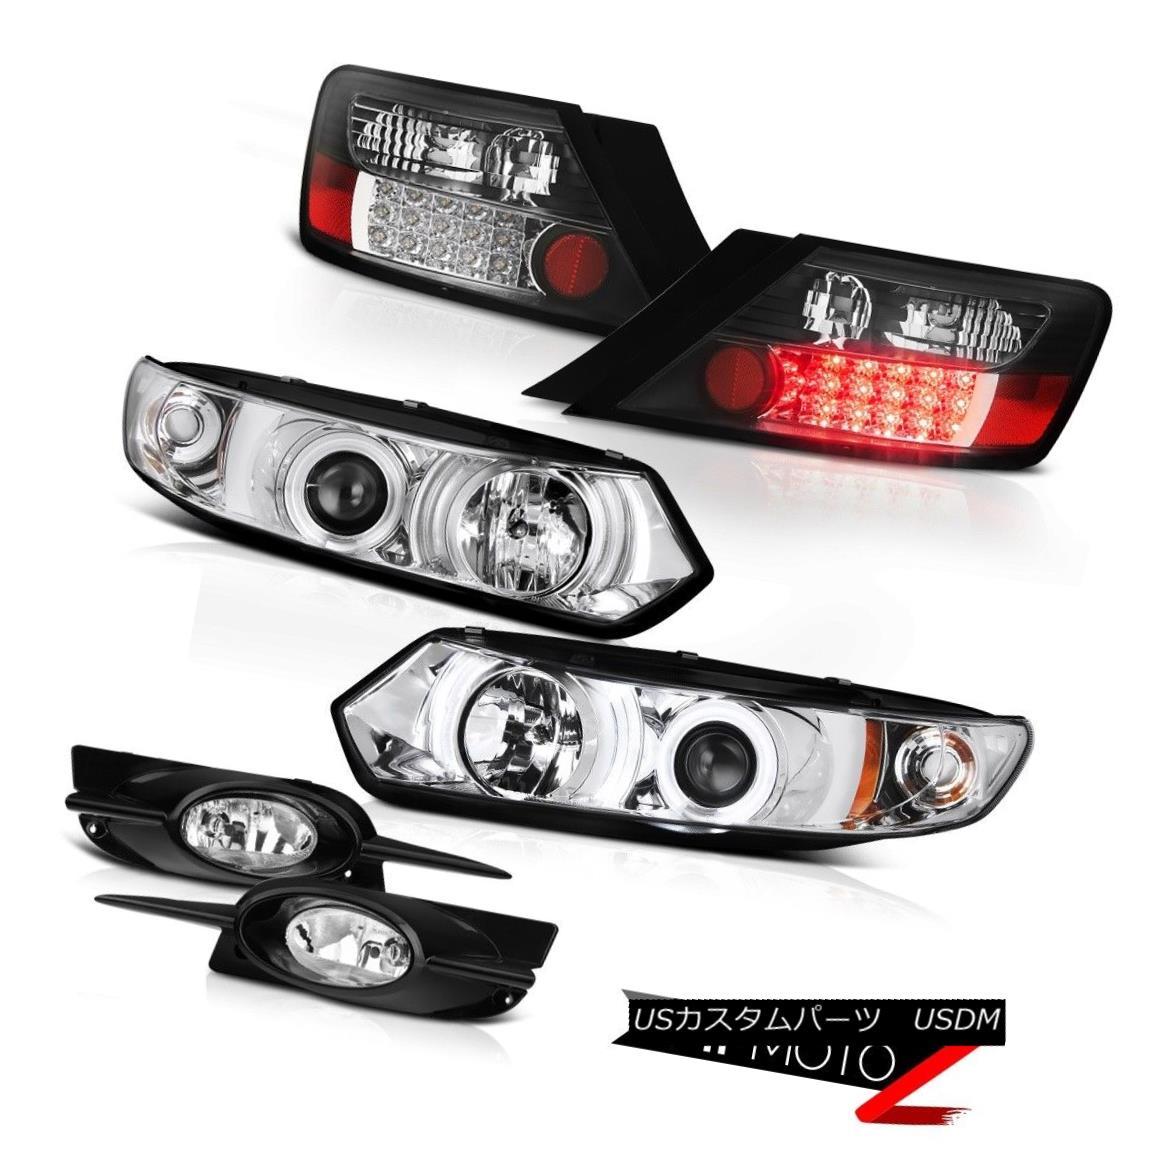 テールライト 09-11 Civic Coupe [BRIGHTEST] CCFL Angel Eye Headlights BLACK LED Tail Light Fog 09-11シビッククーペ[BRIGHTEST] CCFLエンジェルアイヘッドライトBLACK LEDテールライトフォグ